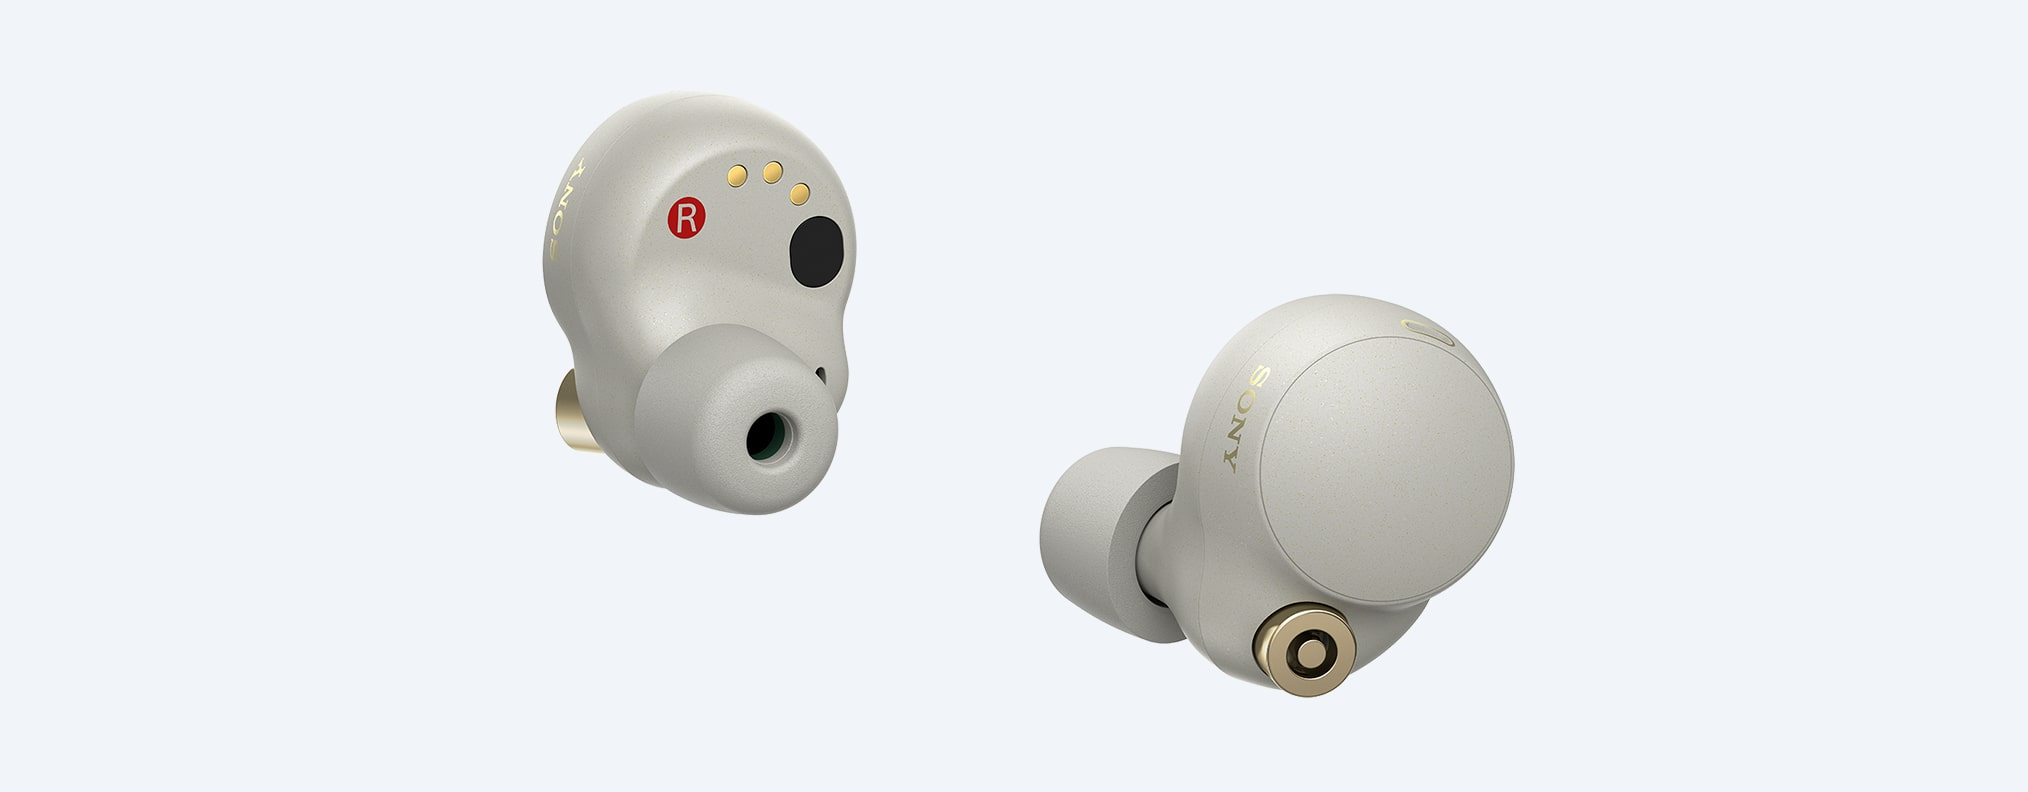 索尼 WF-1000XM4 真无线降噪耳机:支持 LDAC 和 IPX4 防水